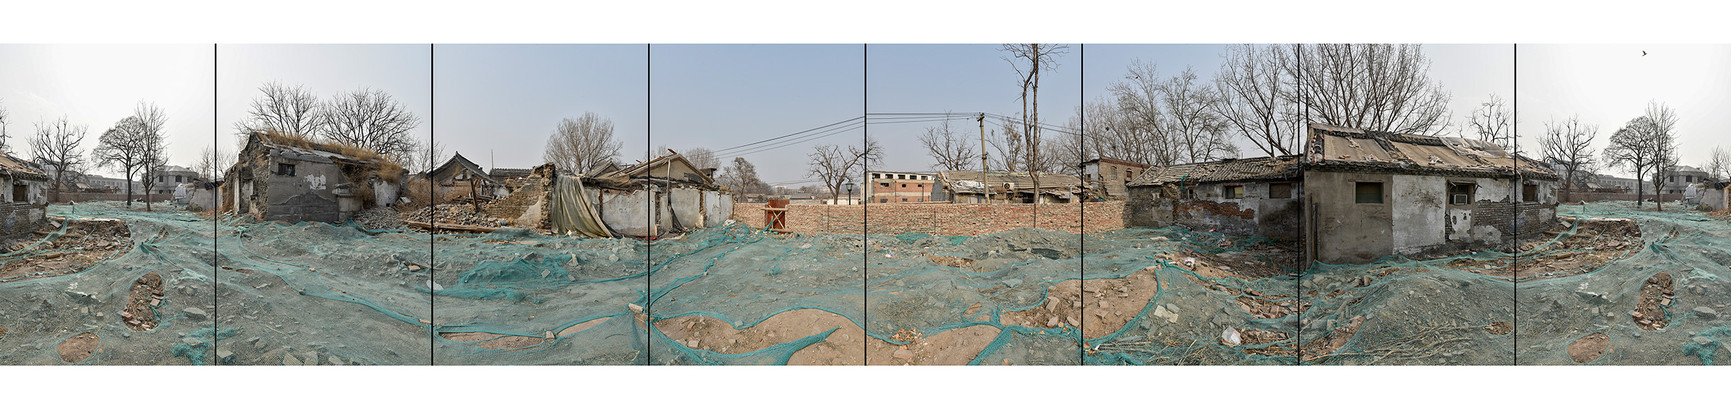 北京废墟08.jpg